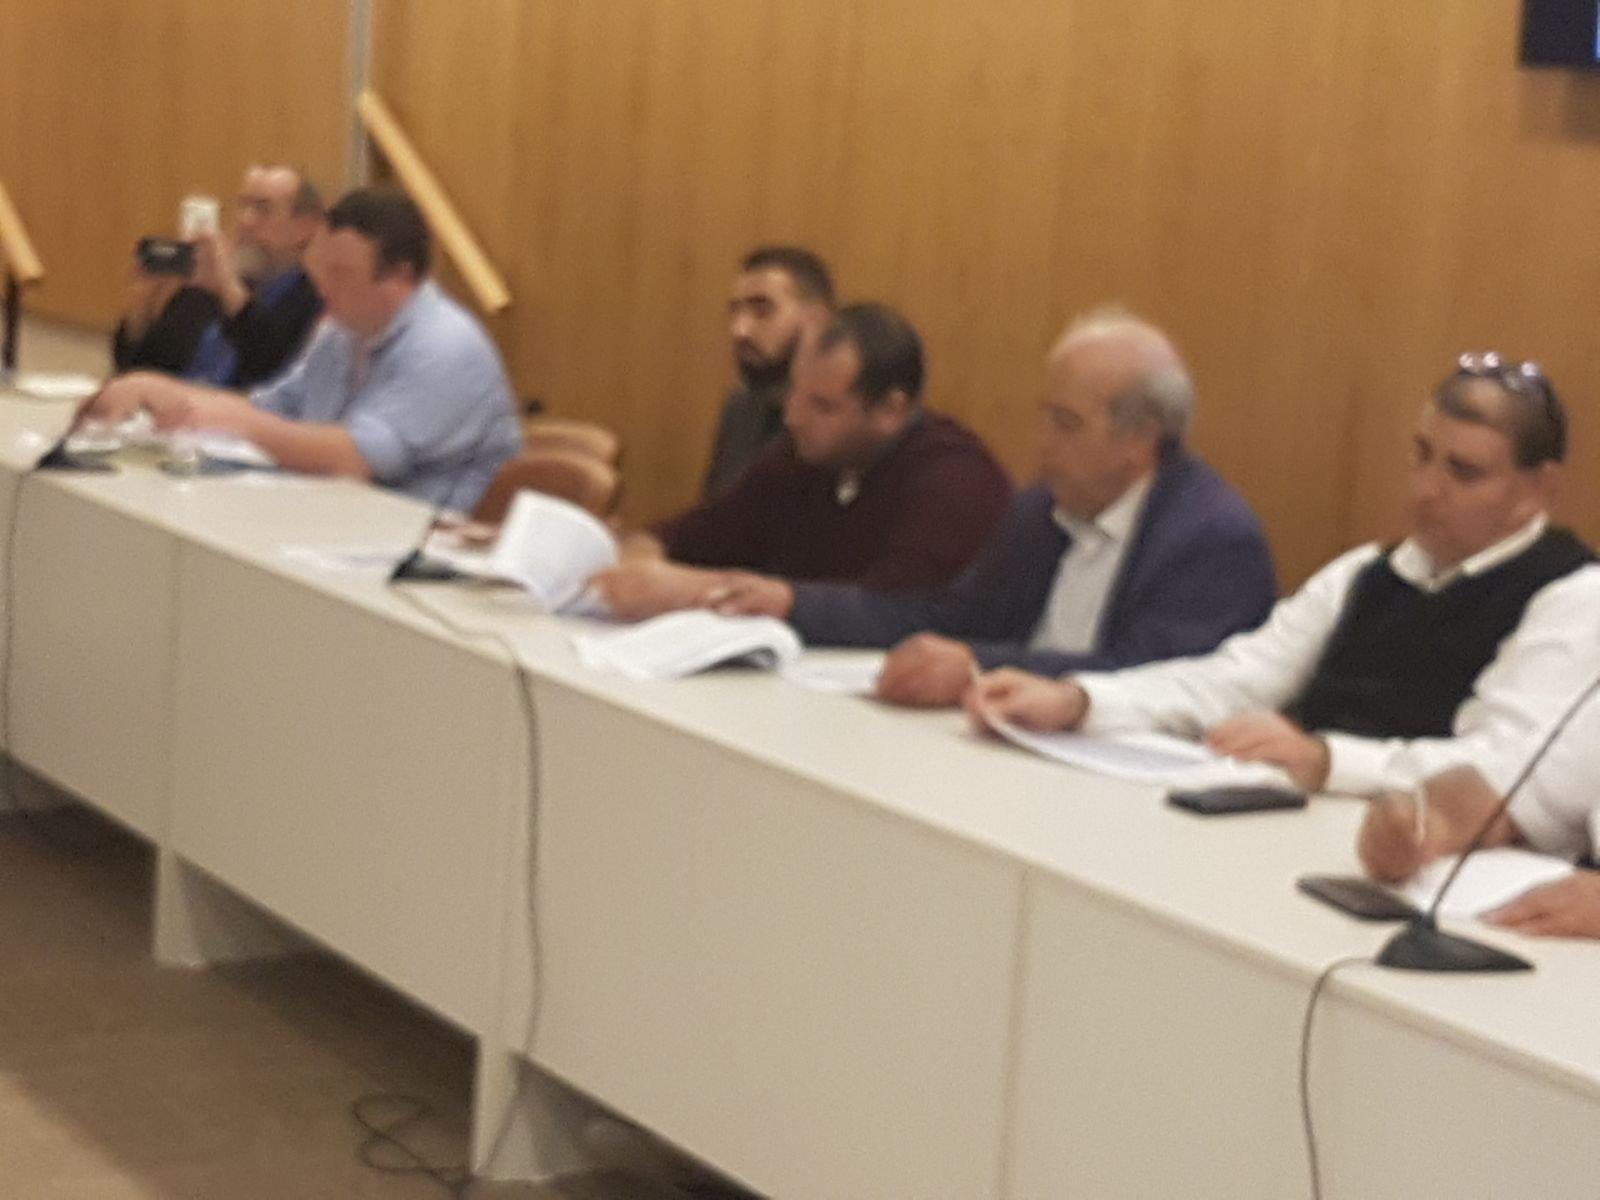 مؤتمر العدل التوزيعي في الكنيست: مواصلة الضغط على الحكومة لتوزيع أرباح المناطق الصناعية على البلدات المستضعفة والفقيرة